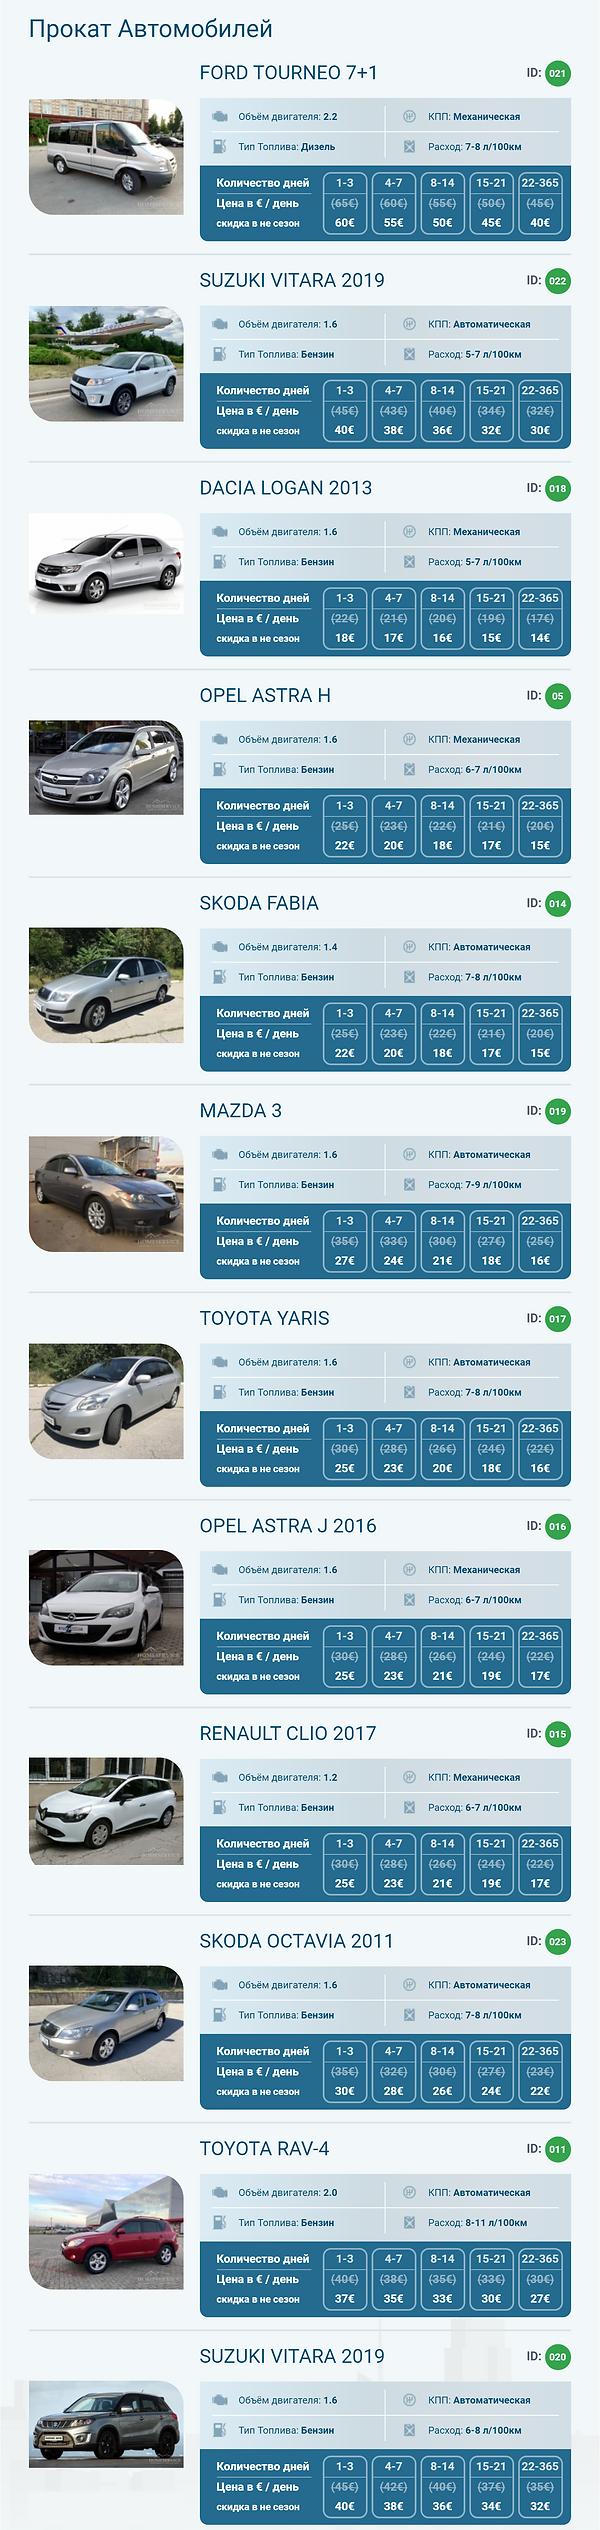 rent a car chisinau moldova авто прокат